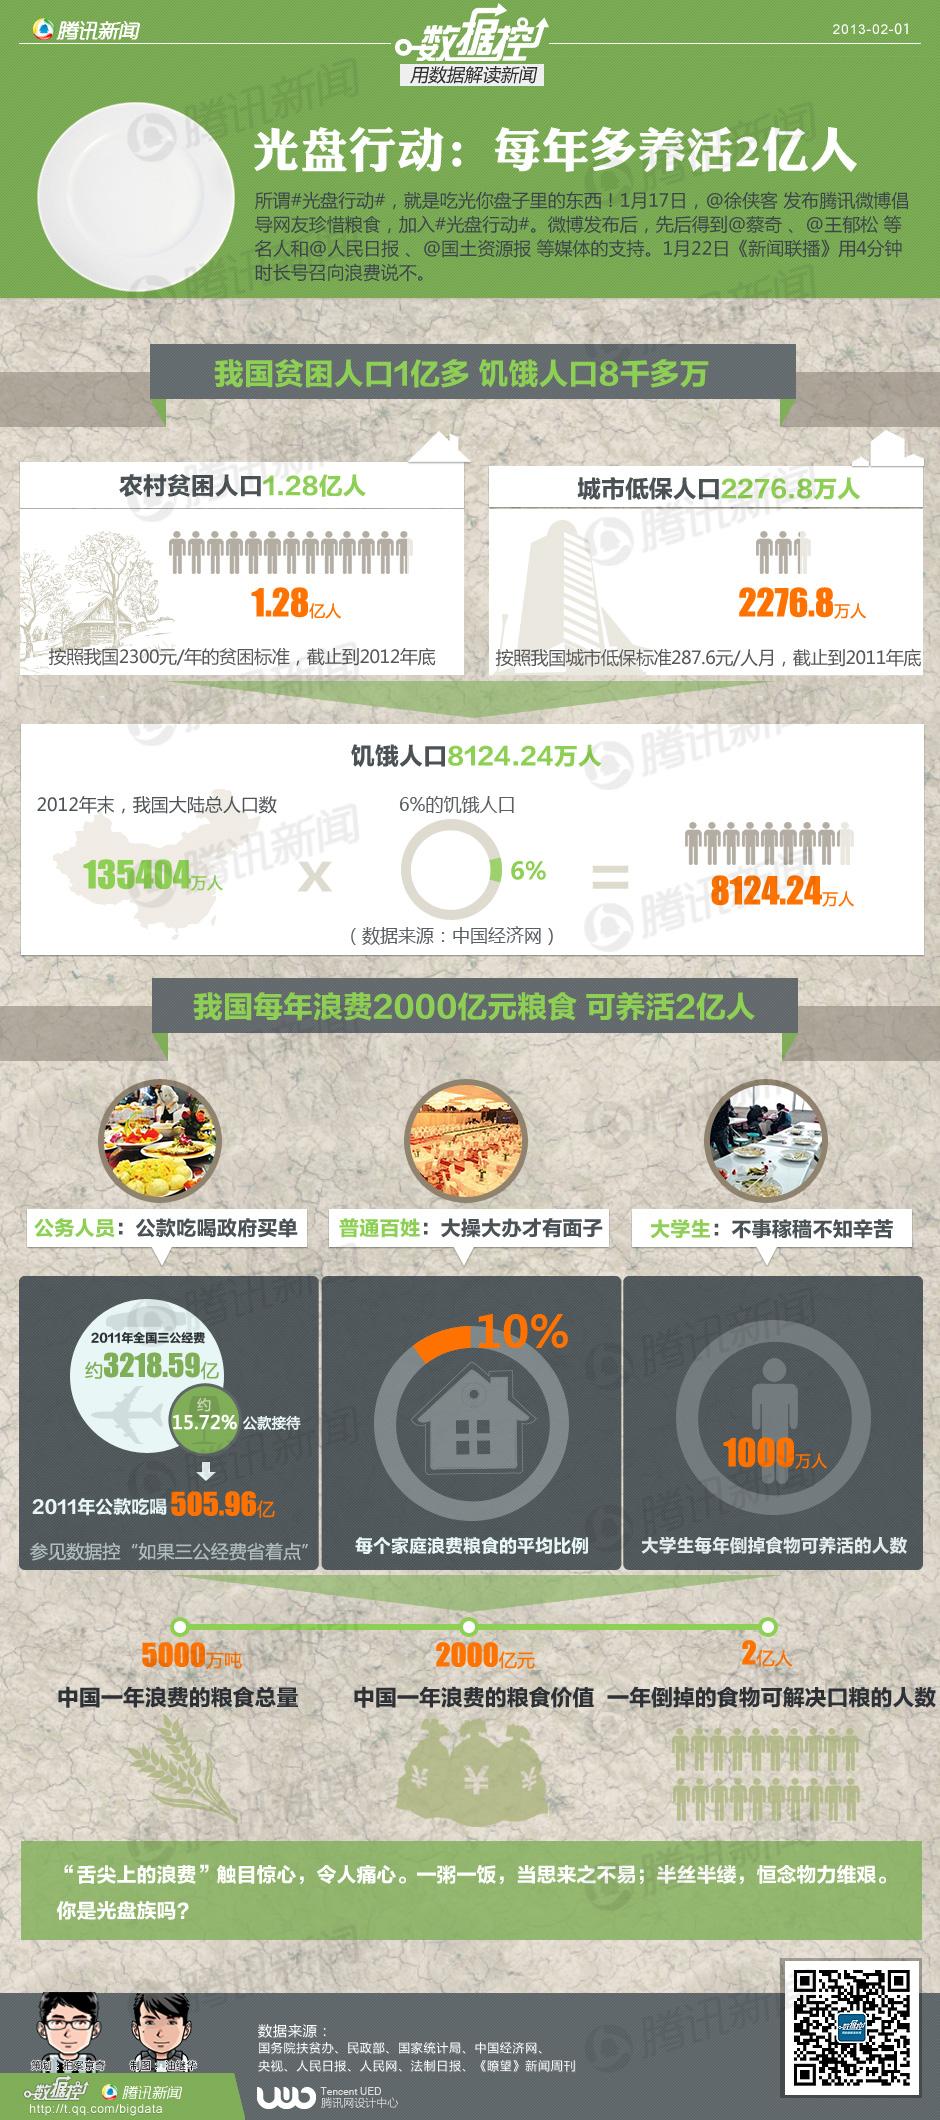 光盘行动:每年多养活2亿人